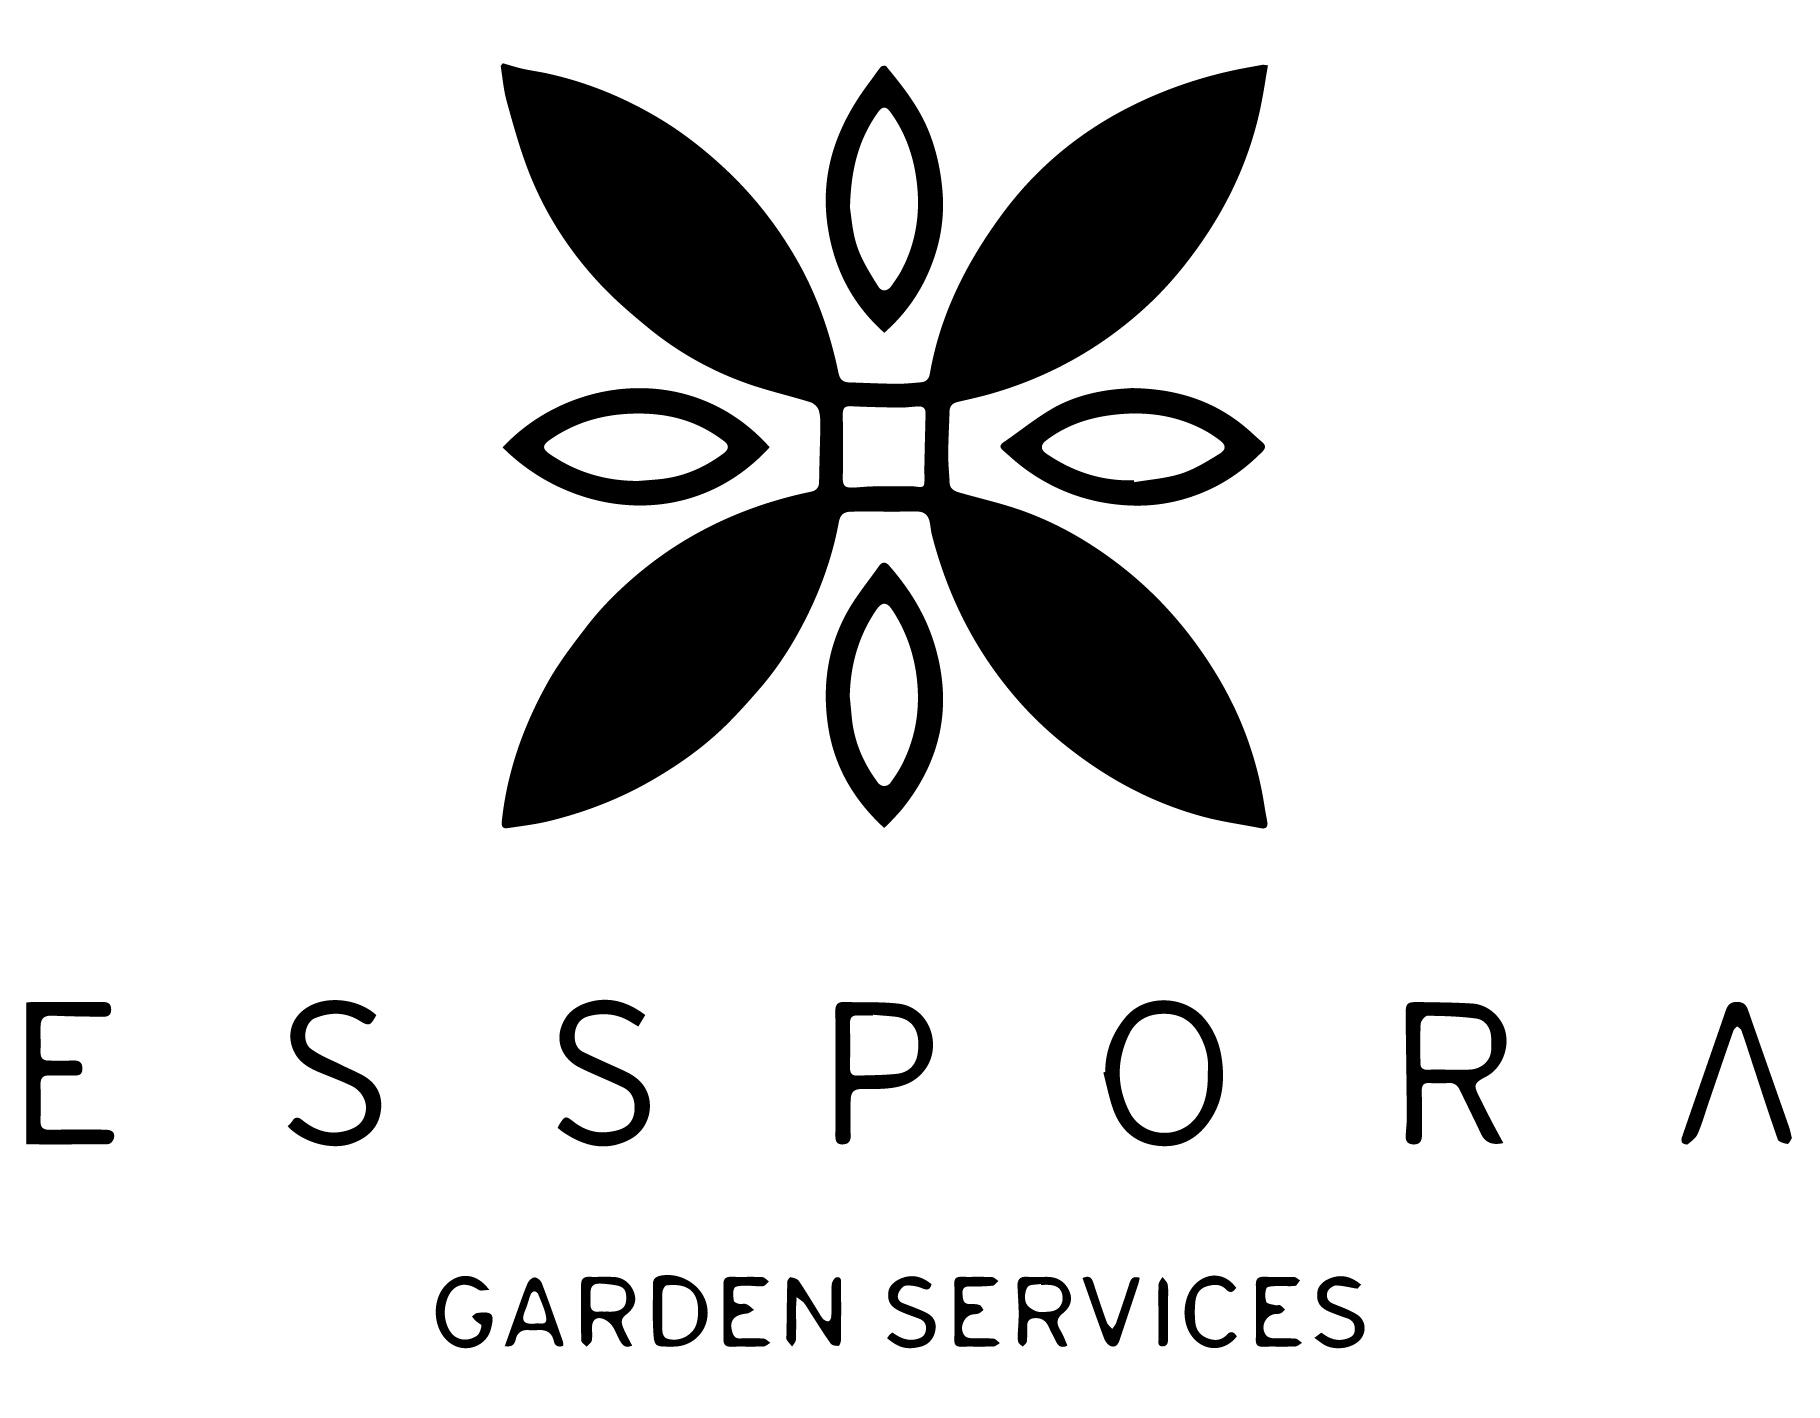 Esspora. Empresa de mantenimiento y construcción de jardines.